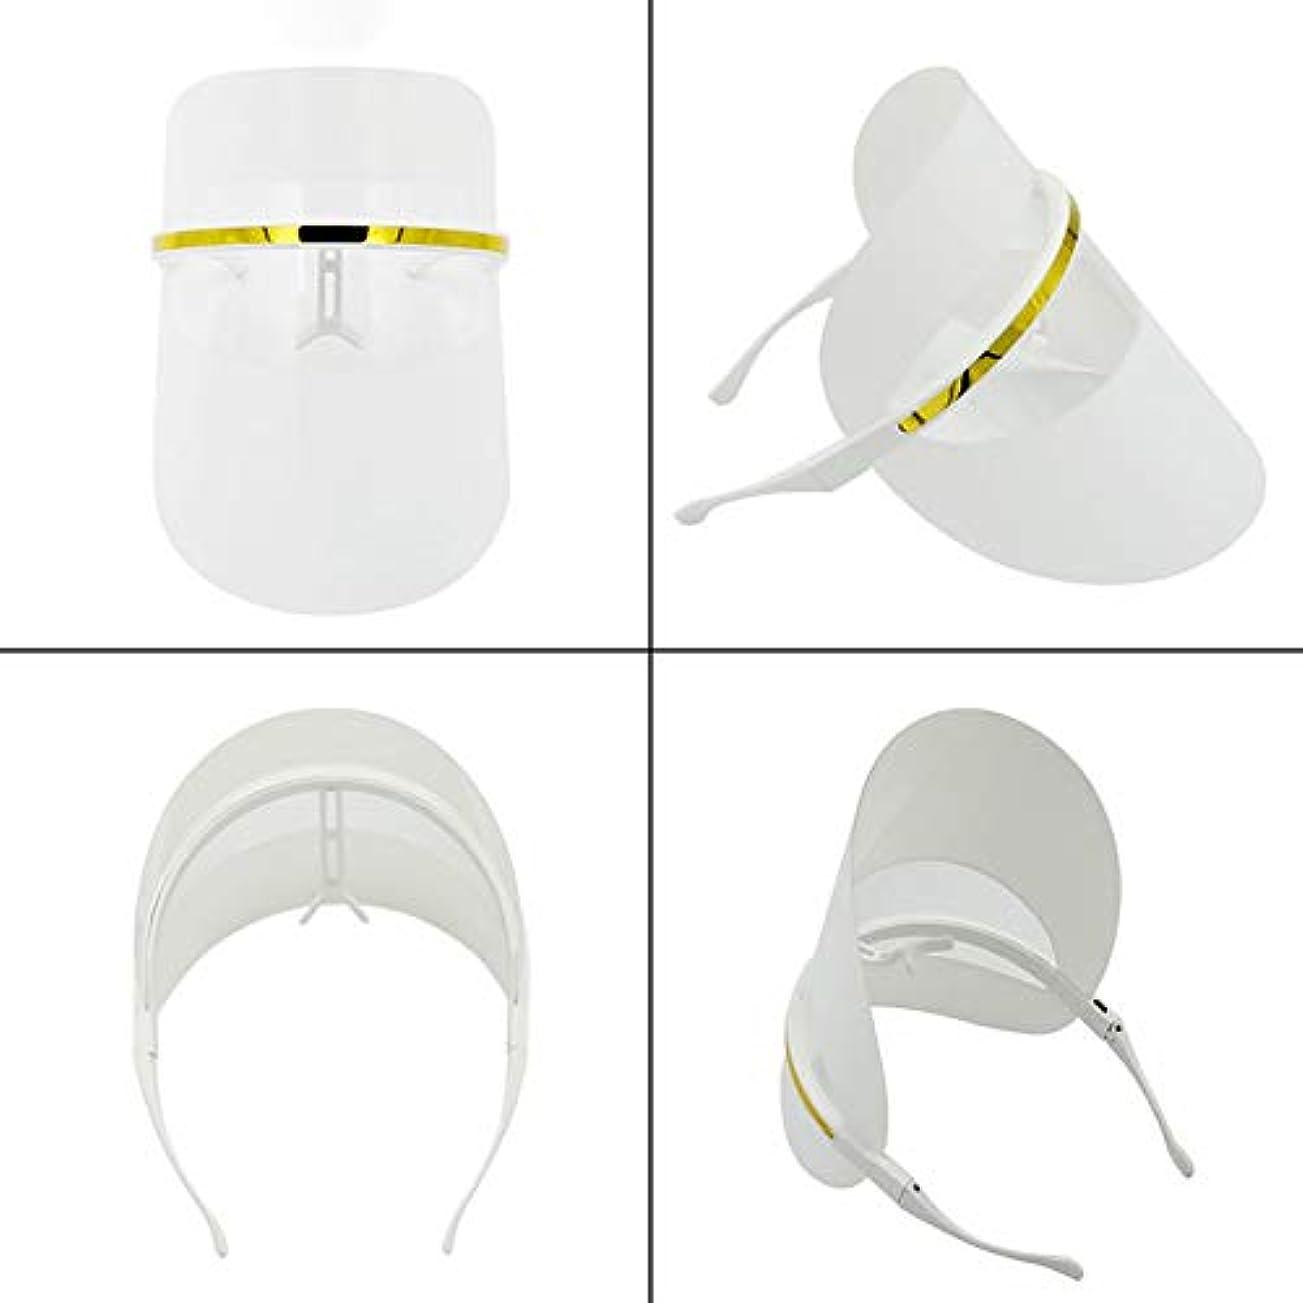 偽善国籍購入7色LEDフェイスマスク、LEDフォトンビューティーマスク、健康的な肌の若返りのためのフォトンレッドライトセラピー、コラーゲン、アンチエイジング、しわ、瘢痕